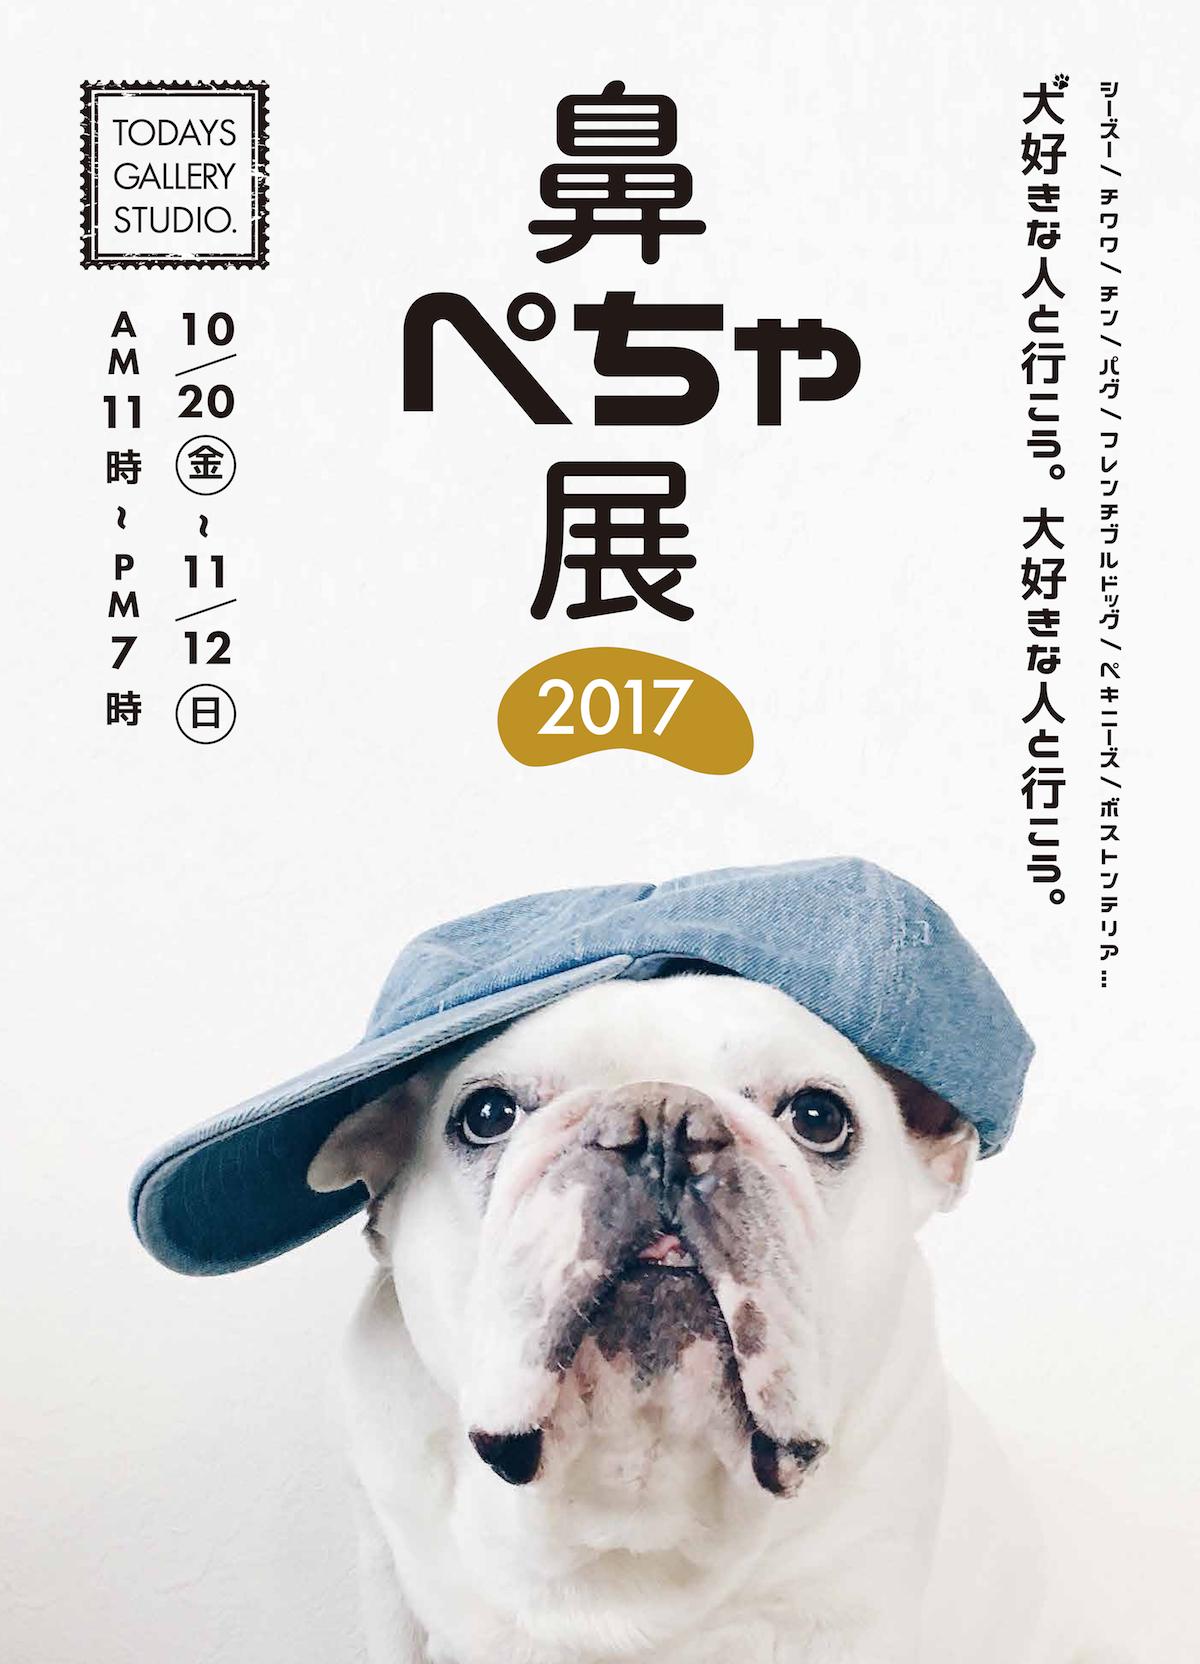 『鼻ぺちゃ展 2017』